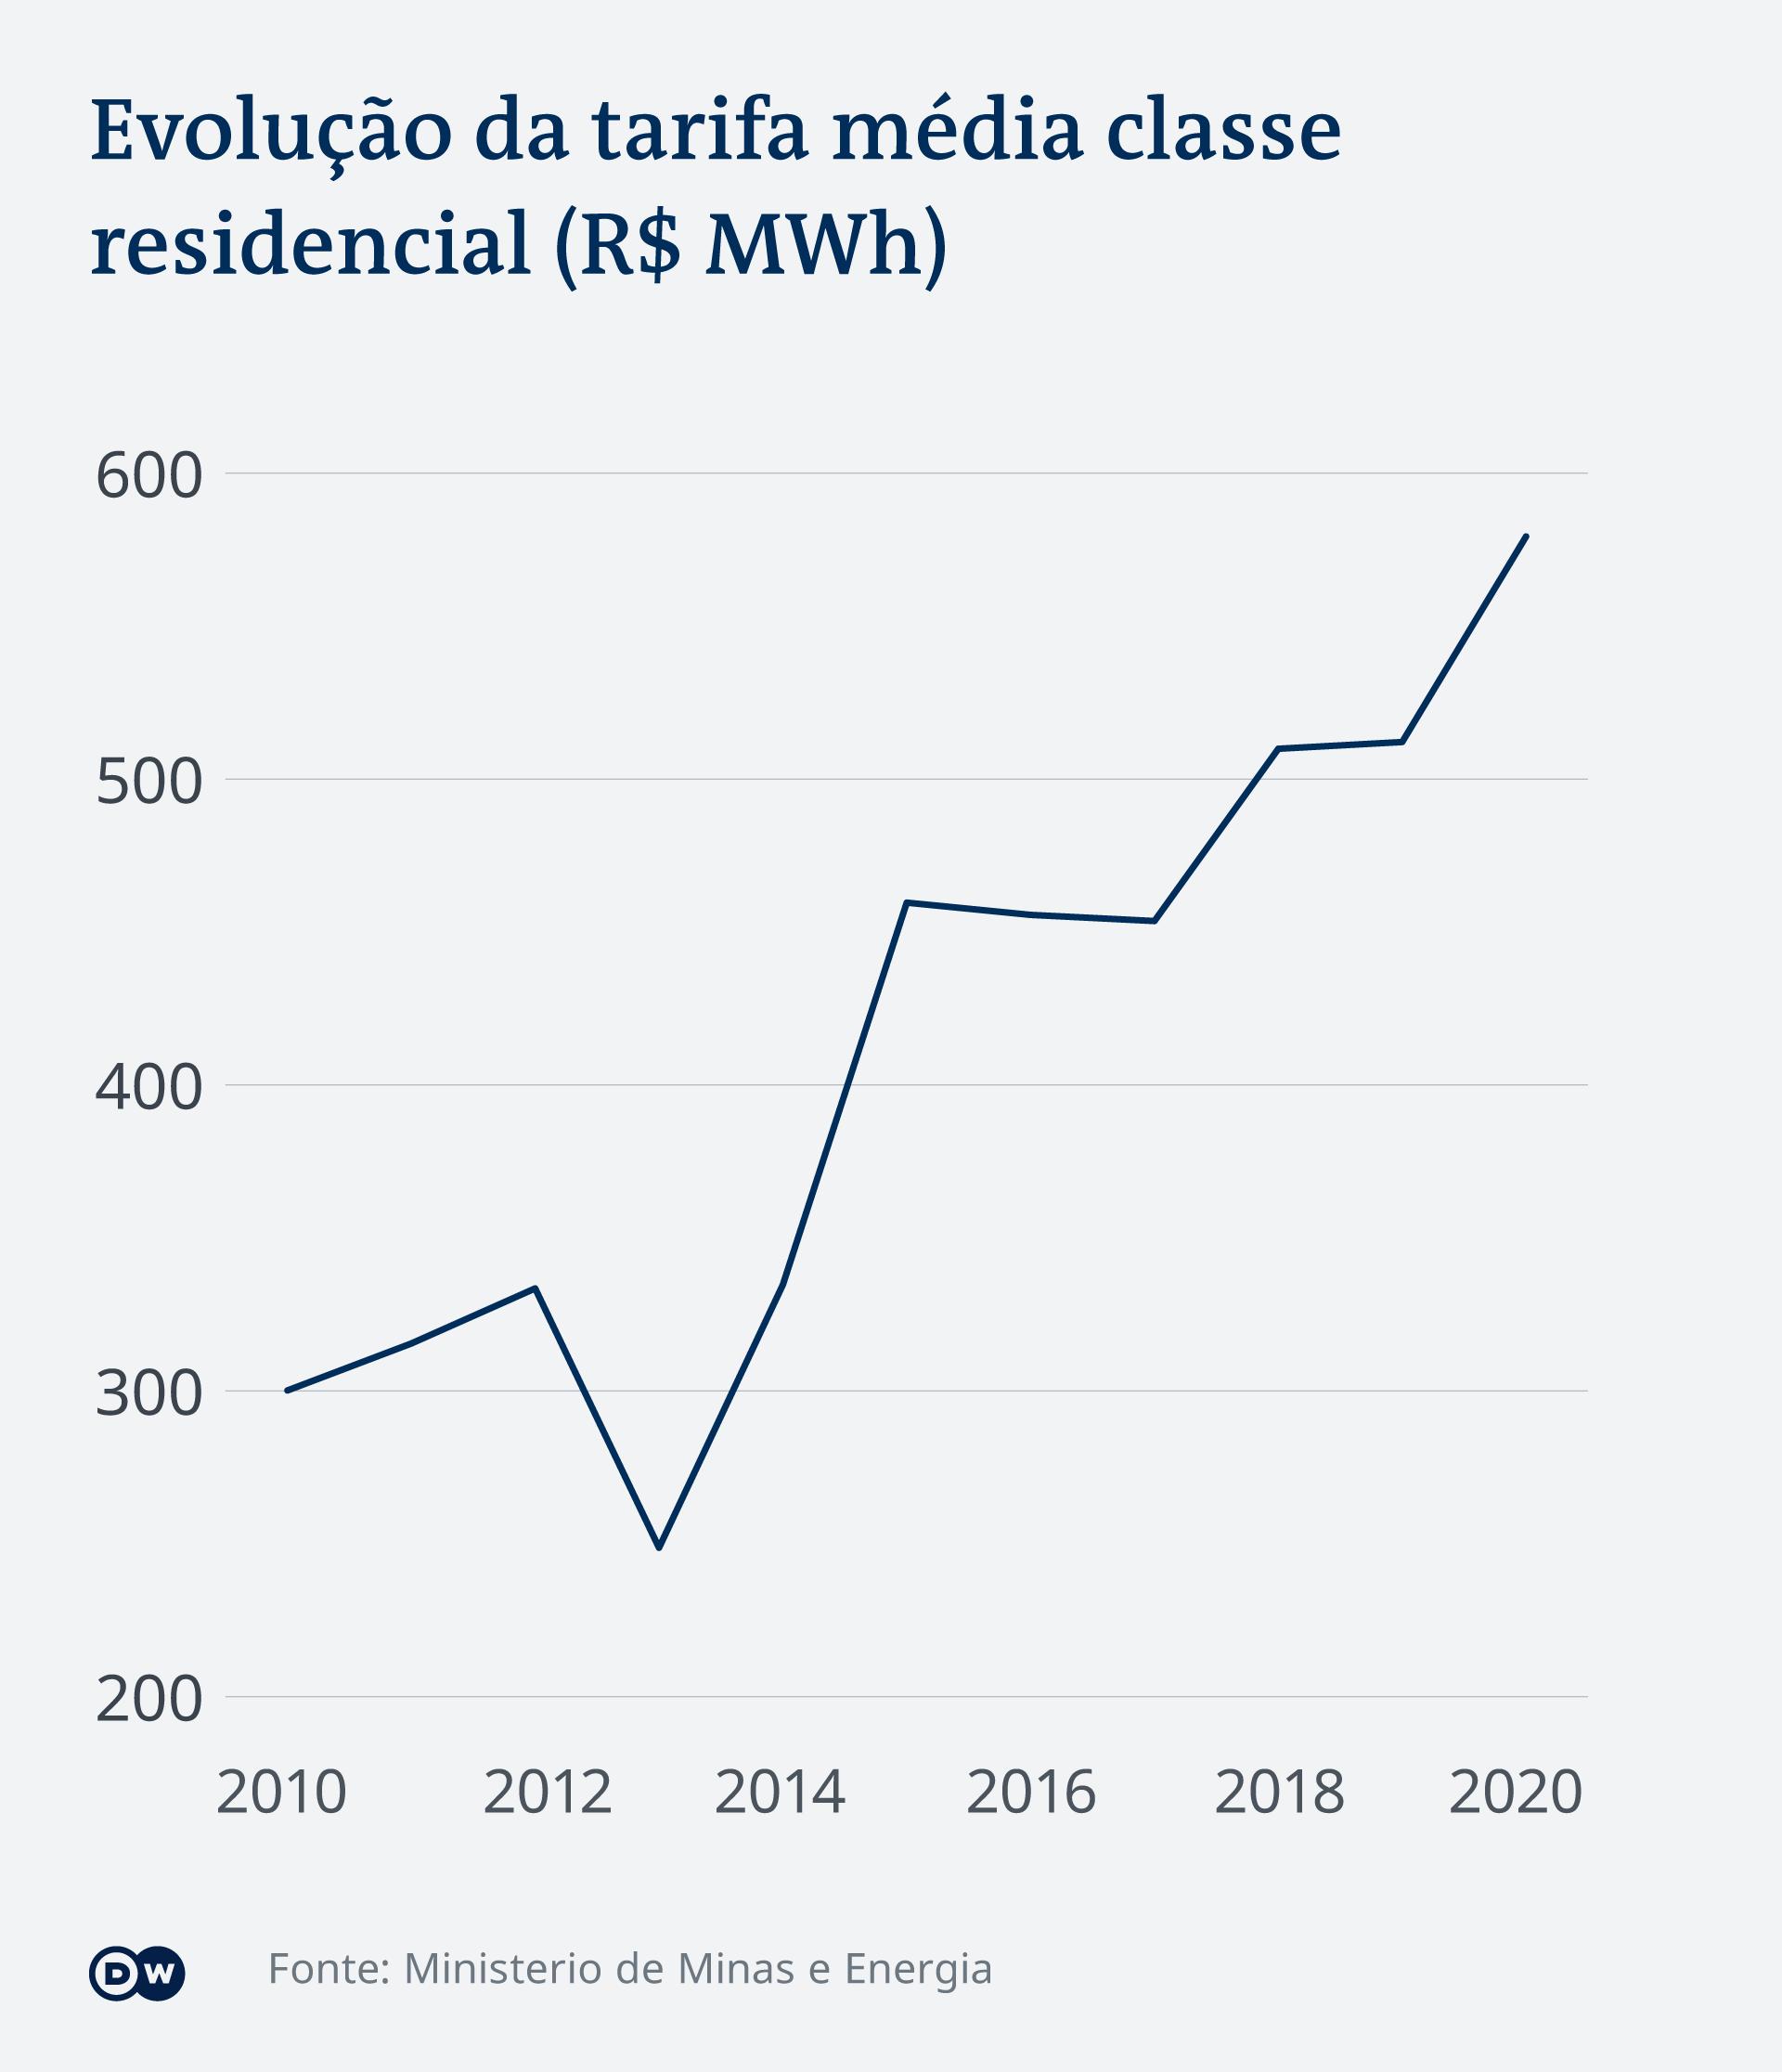 Infográfico mostra a evolução da tarifa média de energia da classe residencial